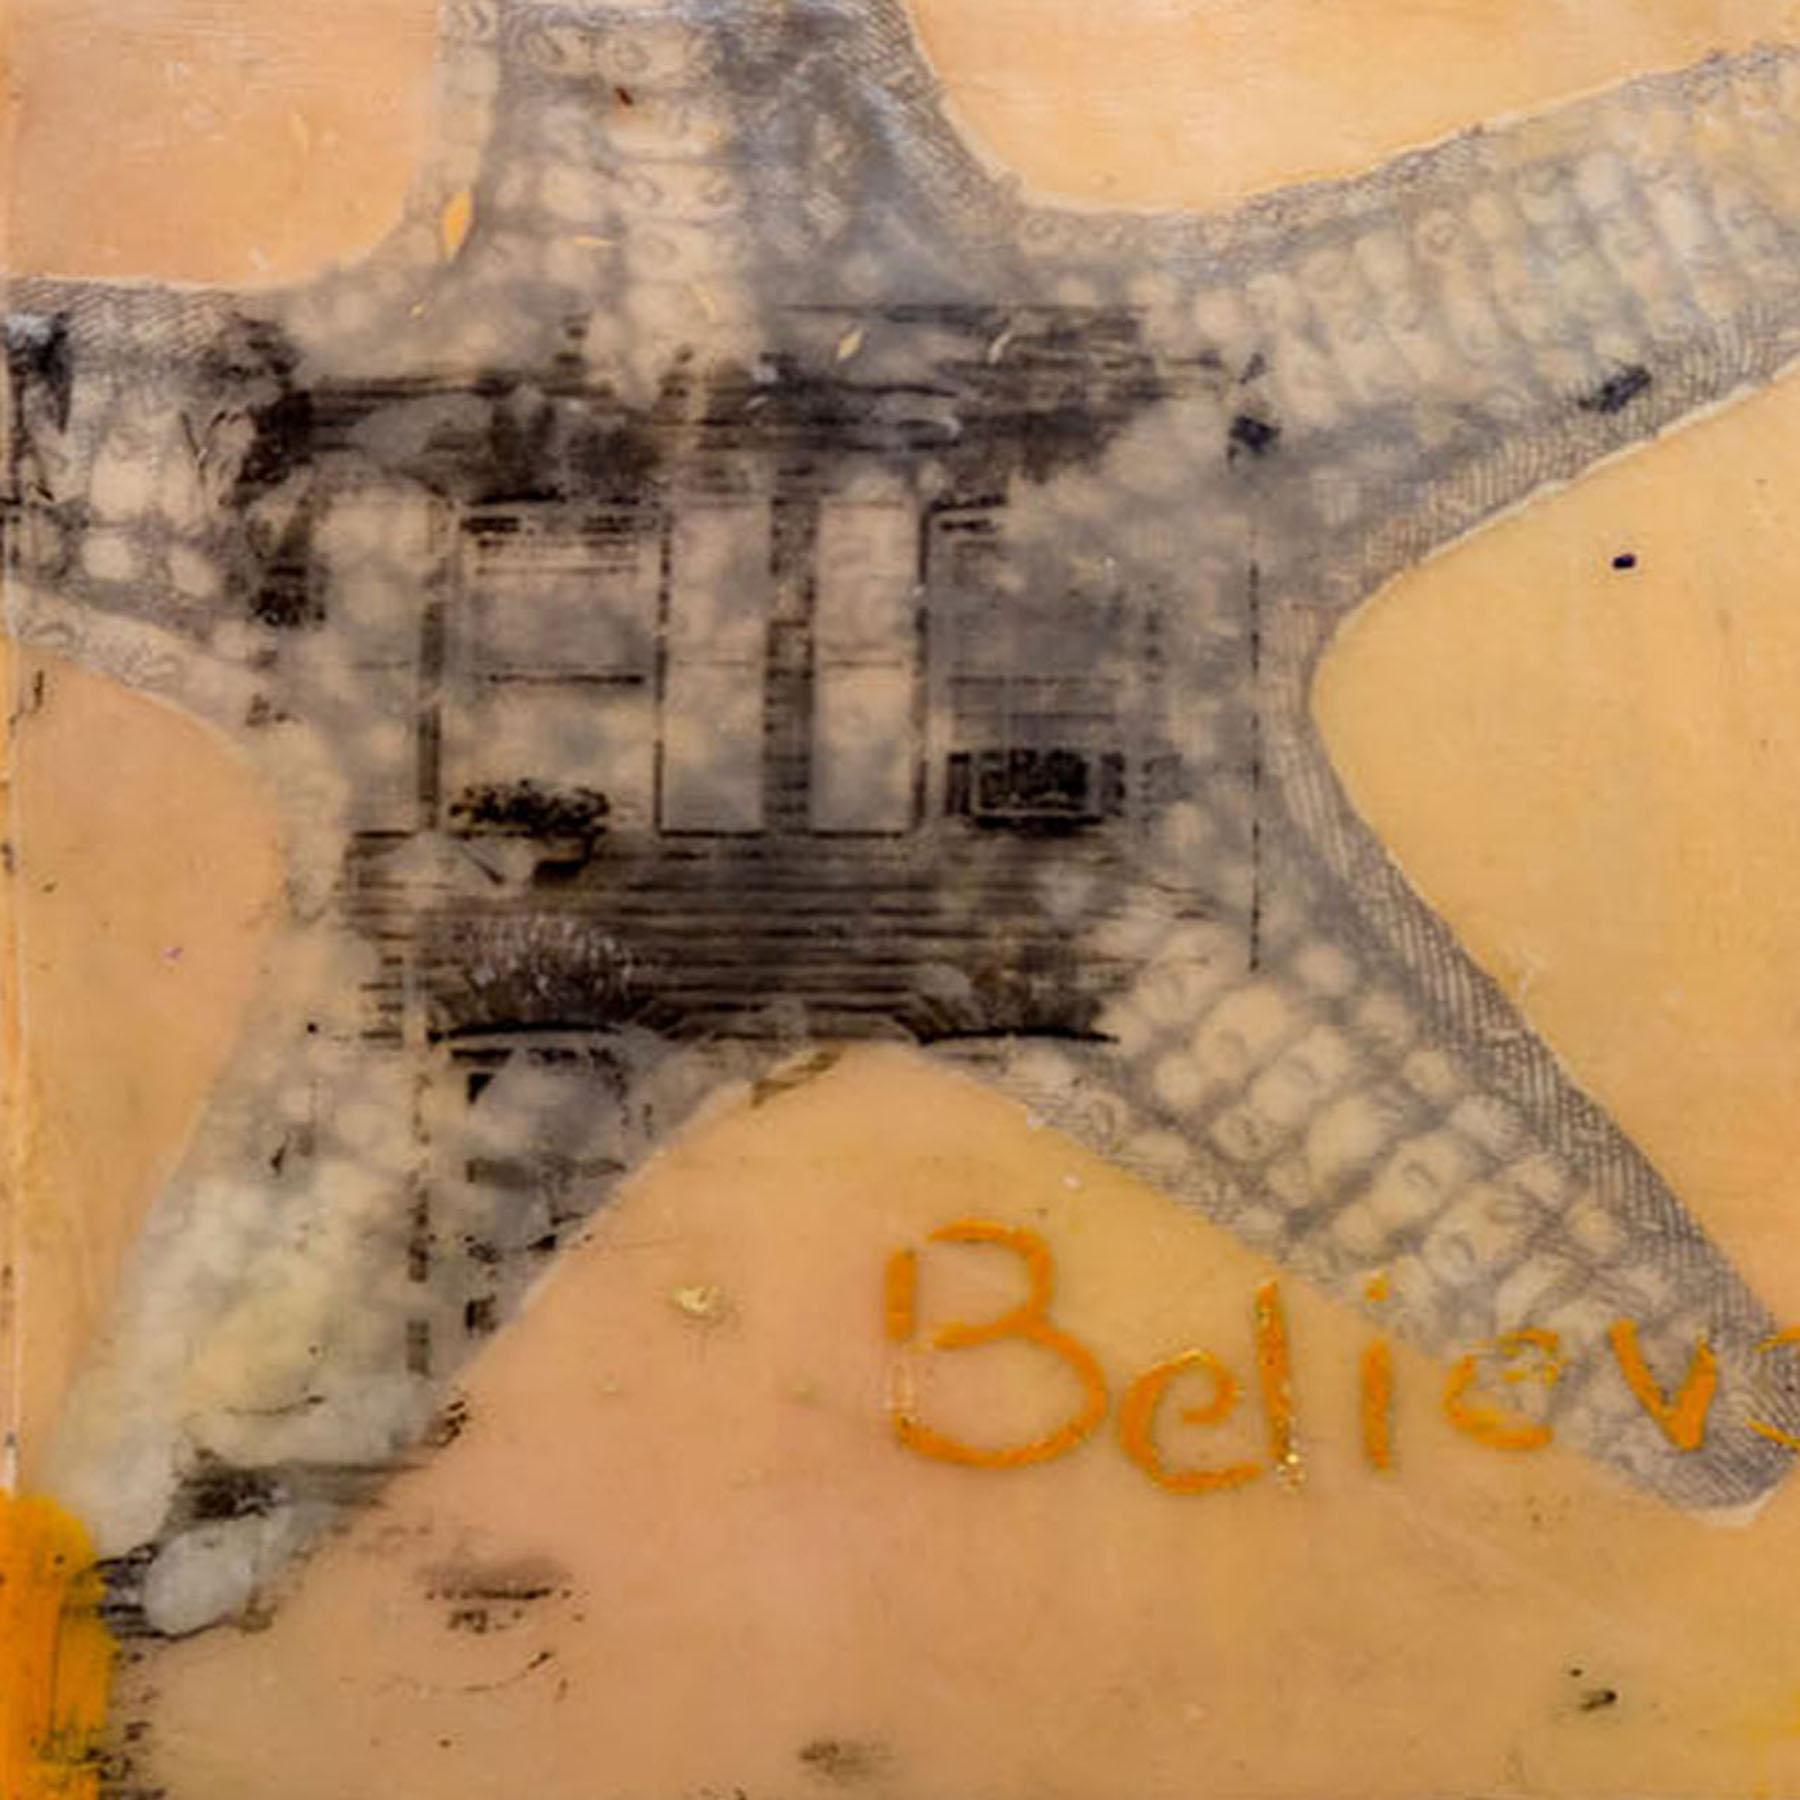 encaustic, rowhome, formstone, seastar, starfish, believe, baltimore